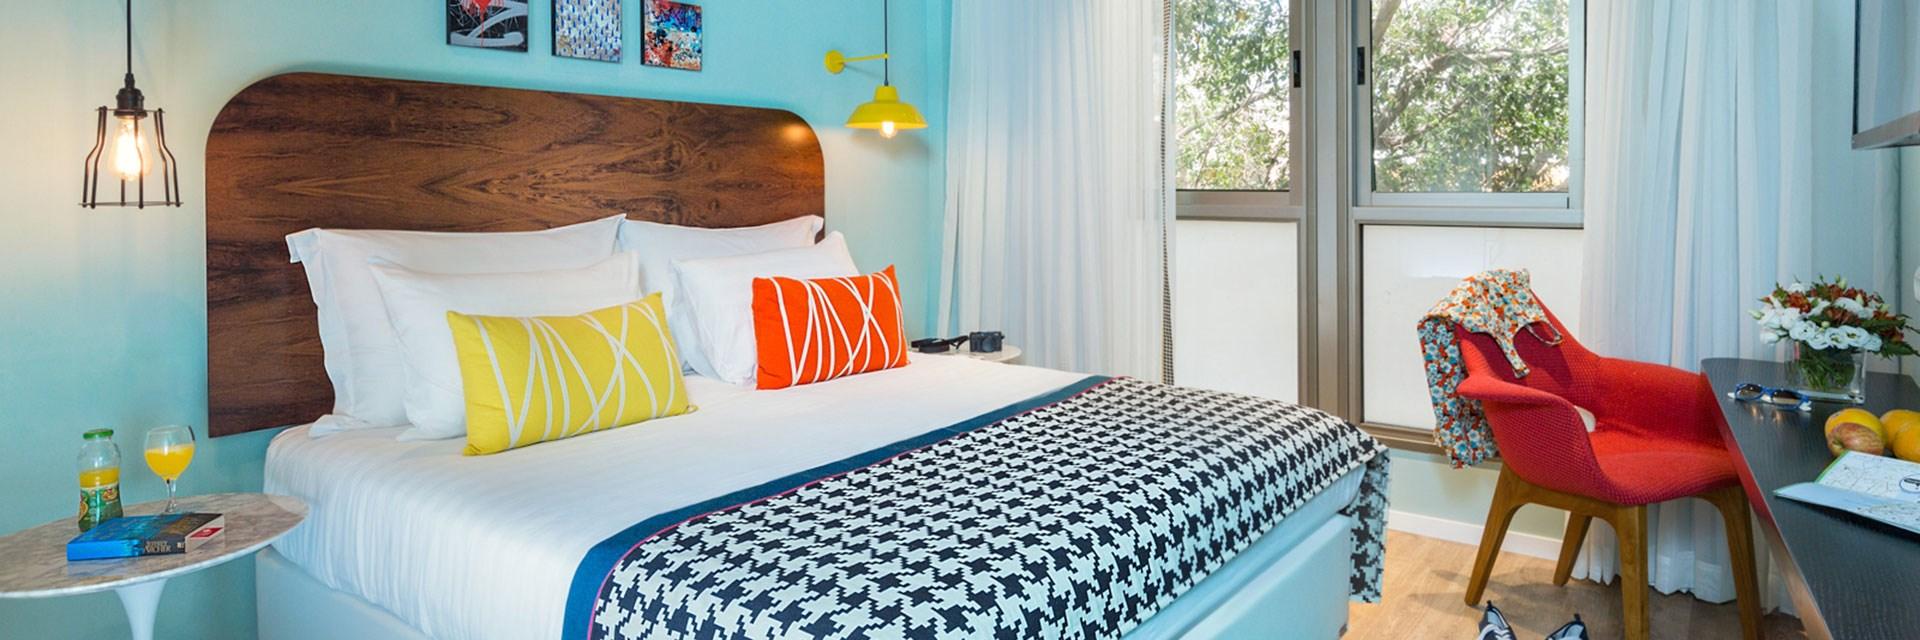 75 酒店 Urban Room